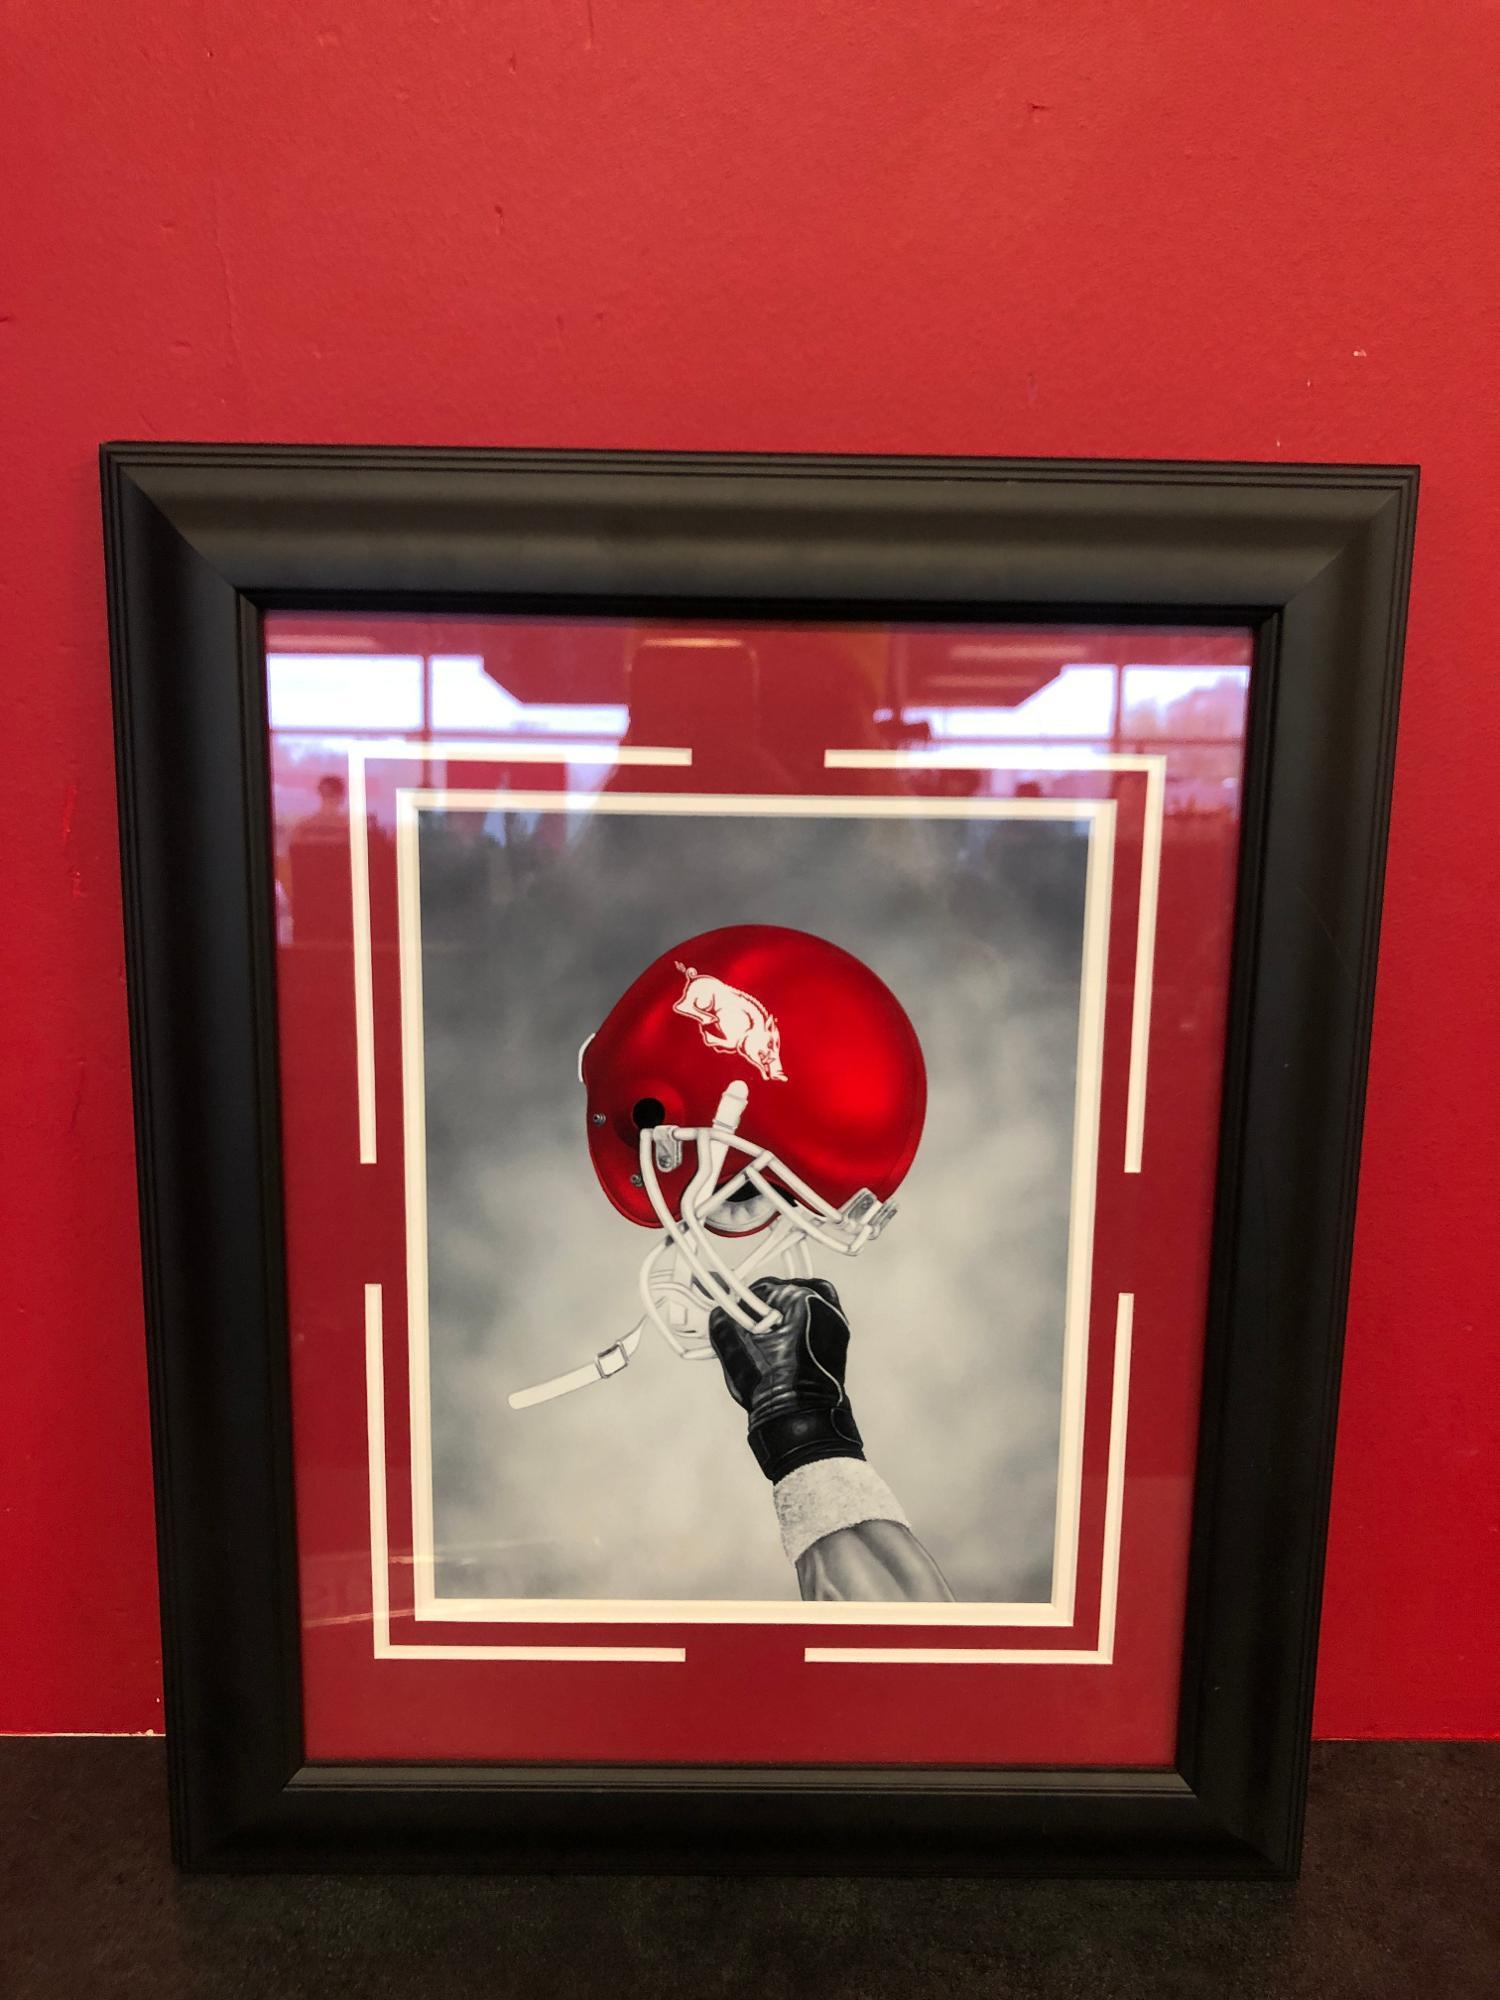 image of: Arkansas Razorbacks Helmet in Air Framed Print